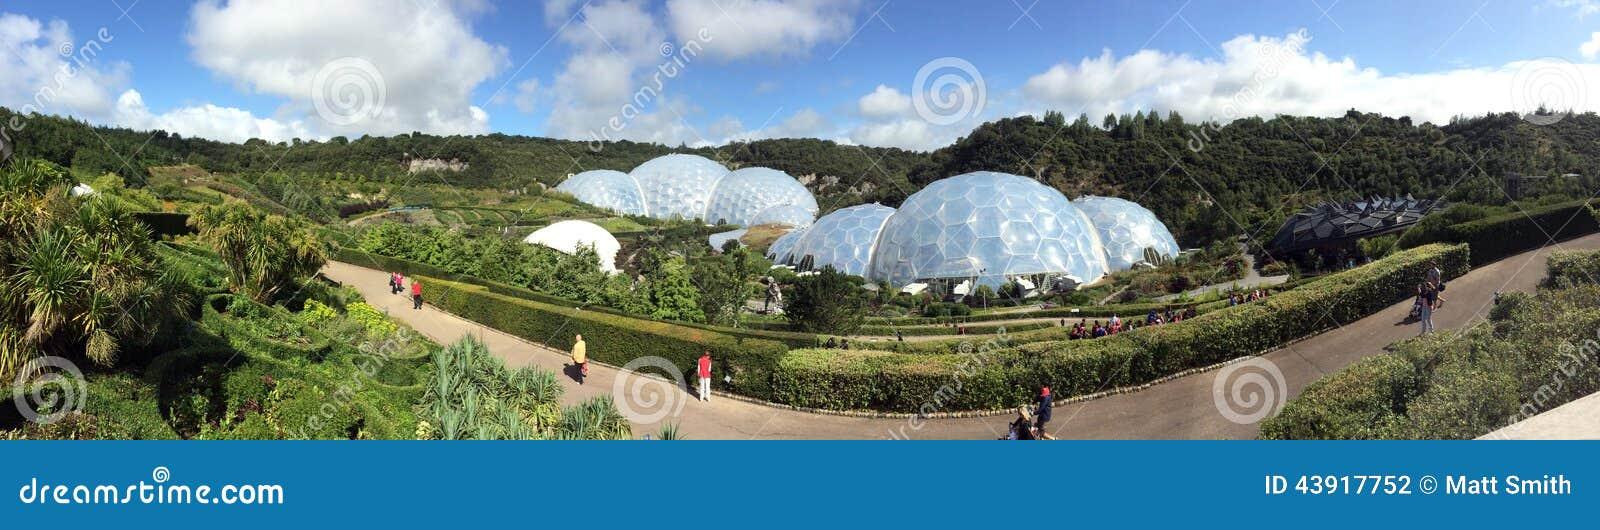 Панорама проекта Eden